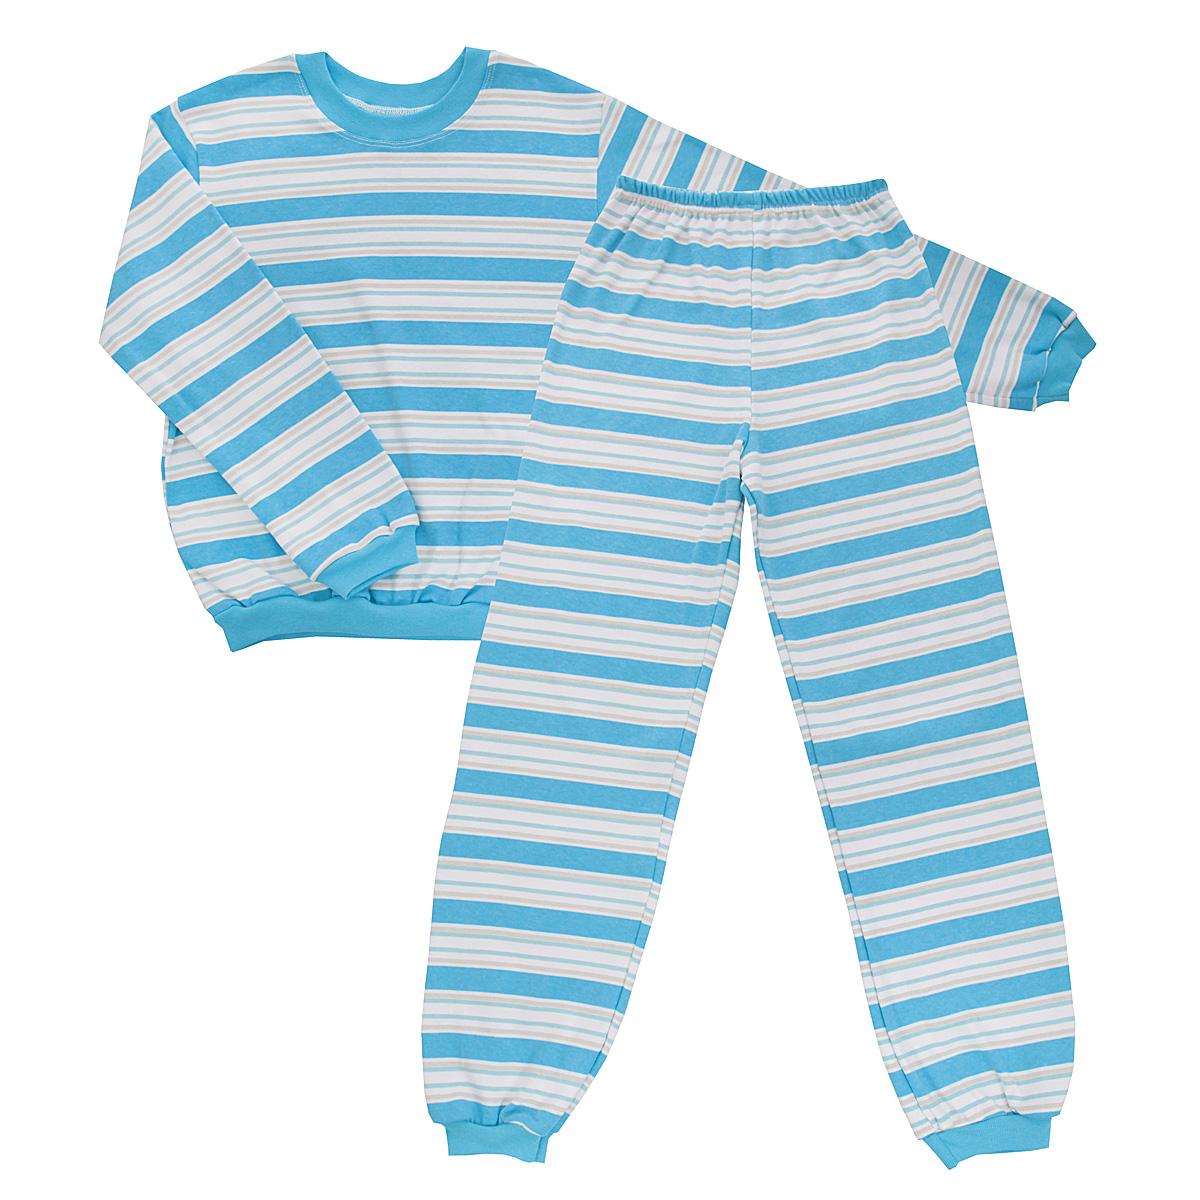 Пижама детская Трон-плюс, цвет: голубой, белый. 5555_полоска. Размер 134/140, 9-12 лет5555_полоскаУютная детская пижама Трон-плюс, состоящая из джемпера и брюк, идеально подойдет вашему ребенку и станет отличным дополнением к детскому гардеробу. Изготовленная из интерлока, она необычайно мягкая и легкая, не сковывает движения, позволяет коже дышать и не раздражает даже самую нежную и чувствительную кожу ребенка. Трикотажный джемпер с длинными рукавами имеет круглый вырез горловины. Низ изделия, рукава и вырез горловины дополнены эластичной трикотажной резинкой контрастного цвета.Брюки на талии имеют эластичную резинку, благодаря чему не сдавливают живот ребенка и не сползают. Низ брючин дополнен широкими эластичными манжетами контрастного цвета.Оформлено изделие принтом в полоску. В такой пижаме ваш ребенок будет чувствовать себя комфортно и уютно во время сна.